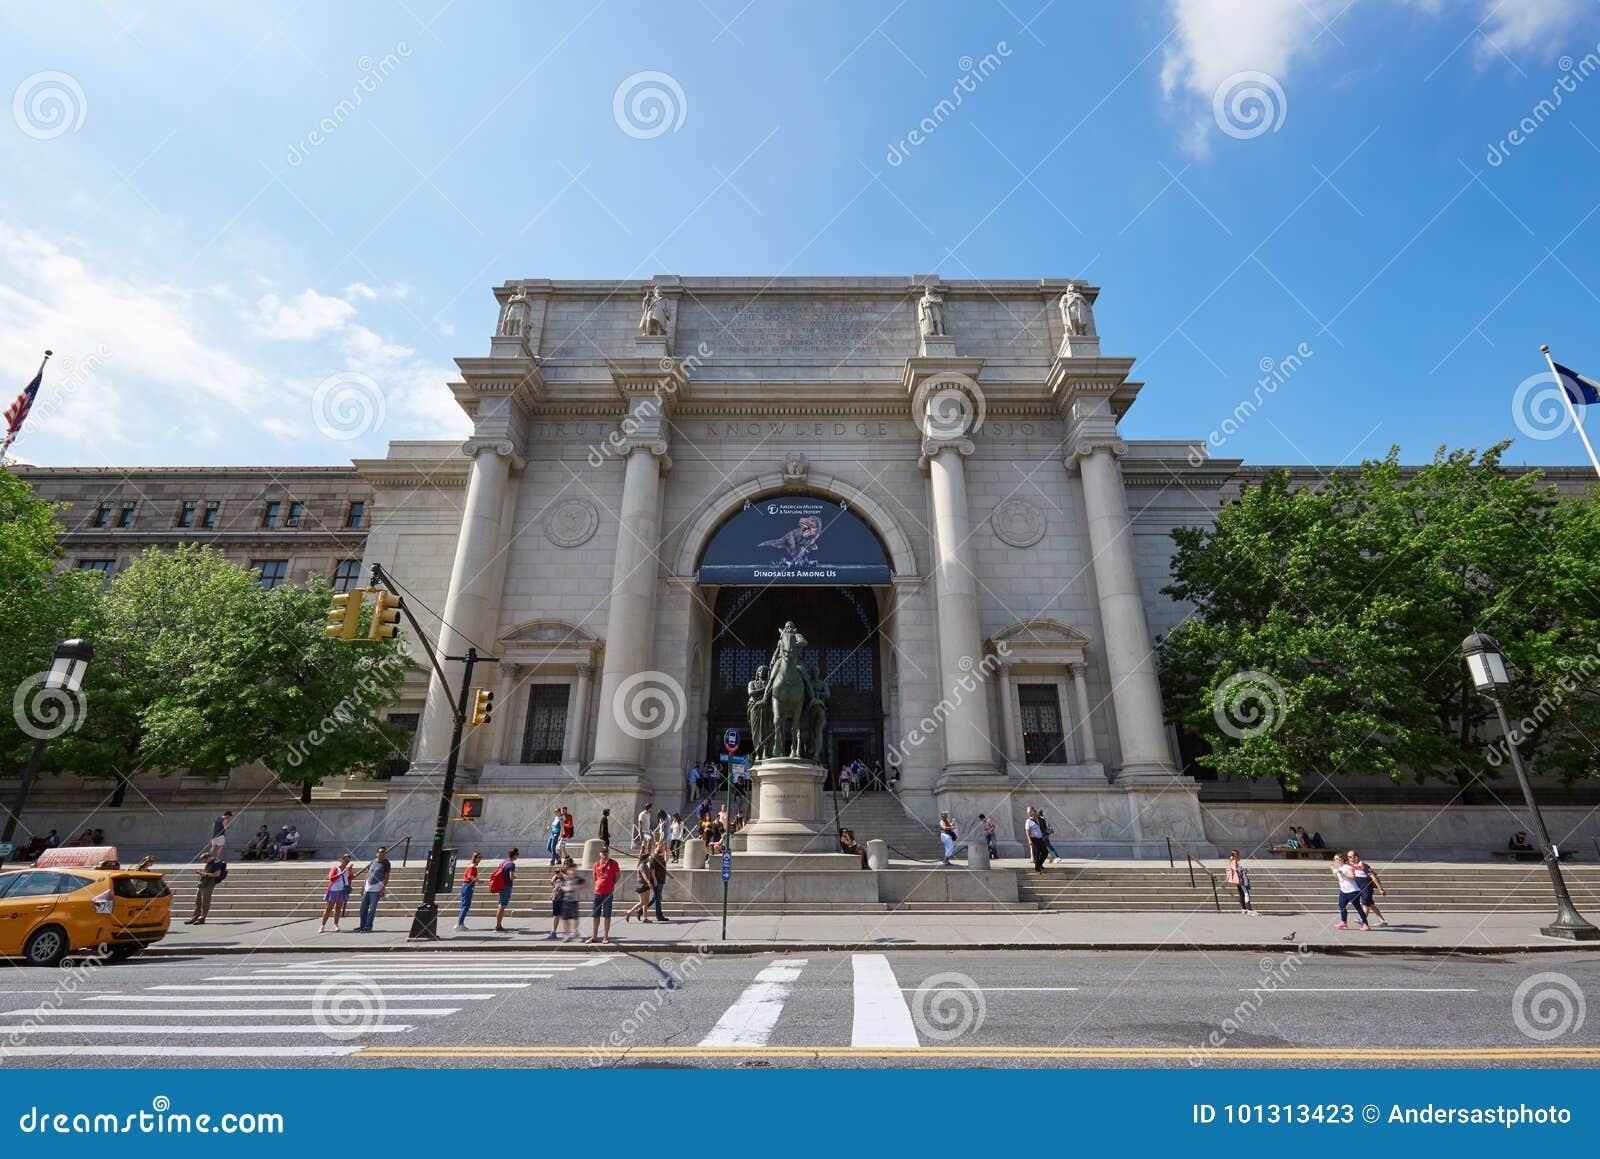 Museo Storia Naturale New York.La Gente Davanti Al Museo Americano Di Storia Naturale A New York